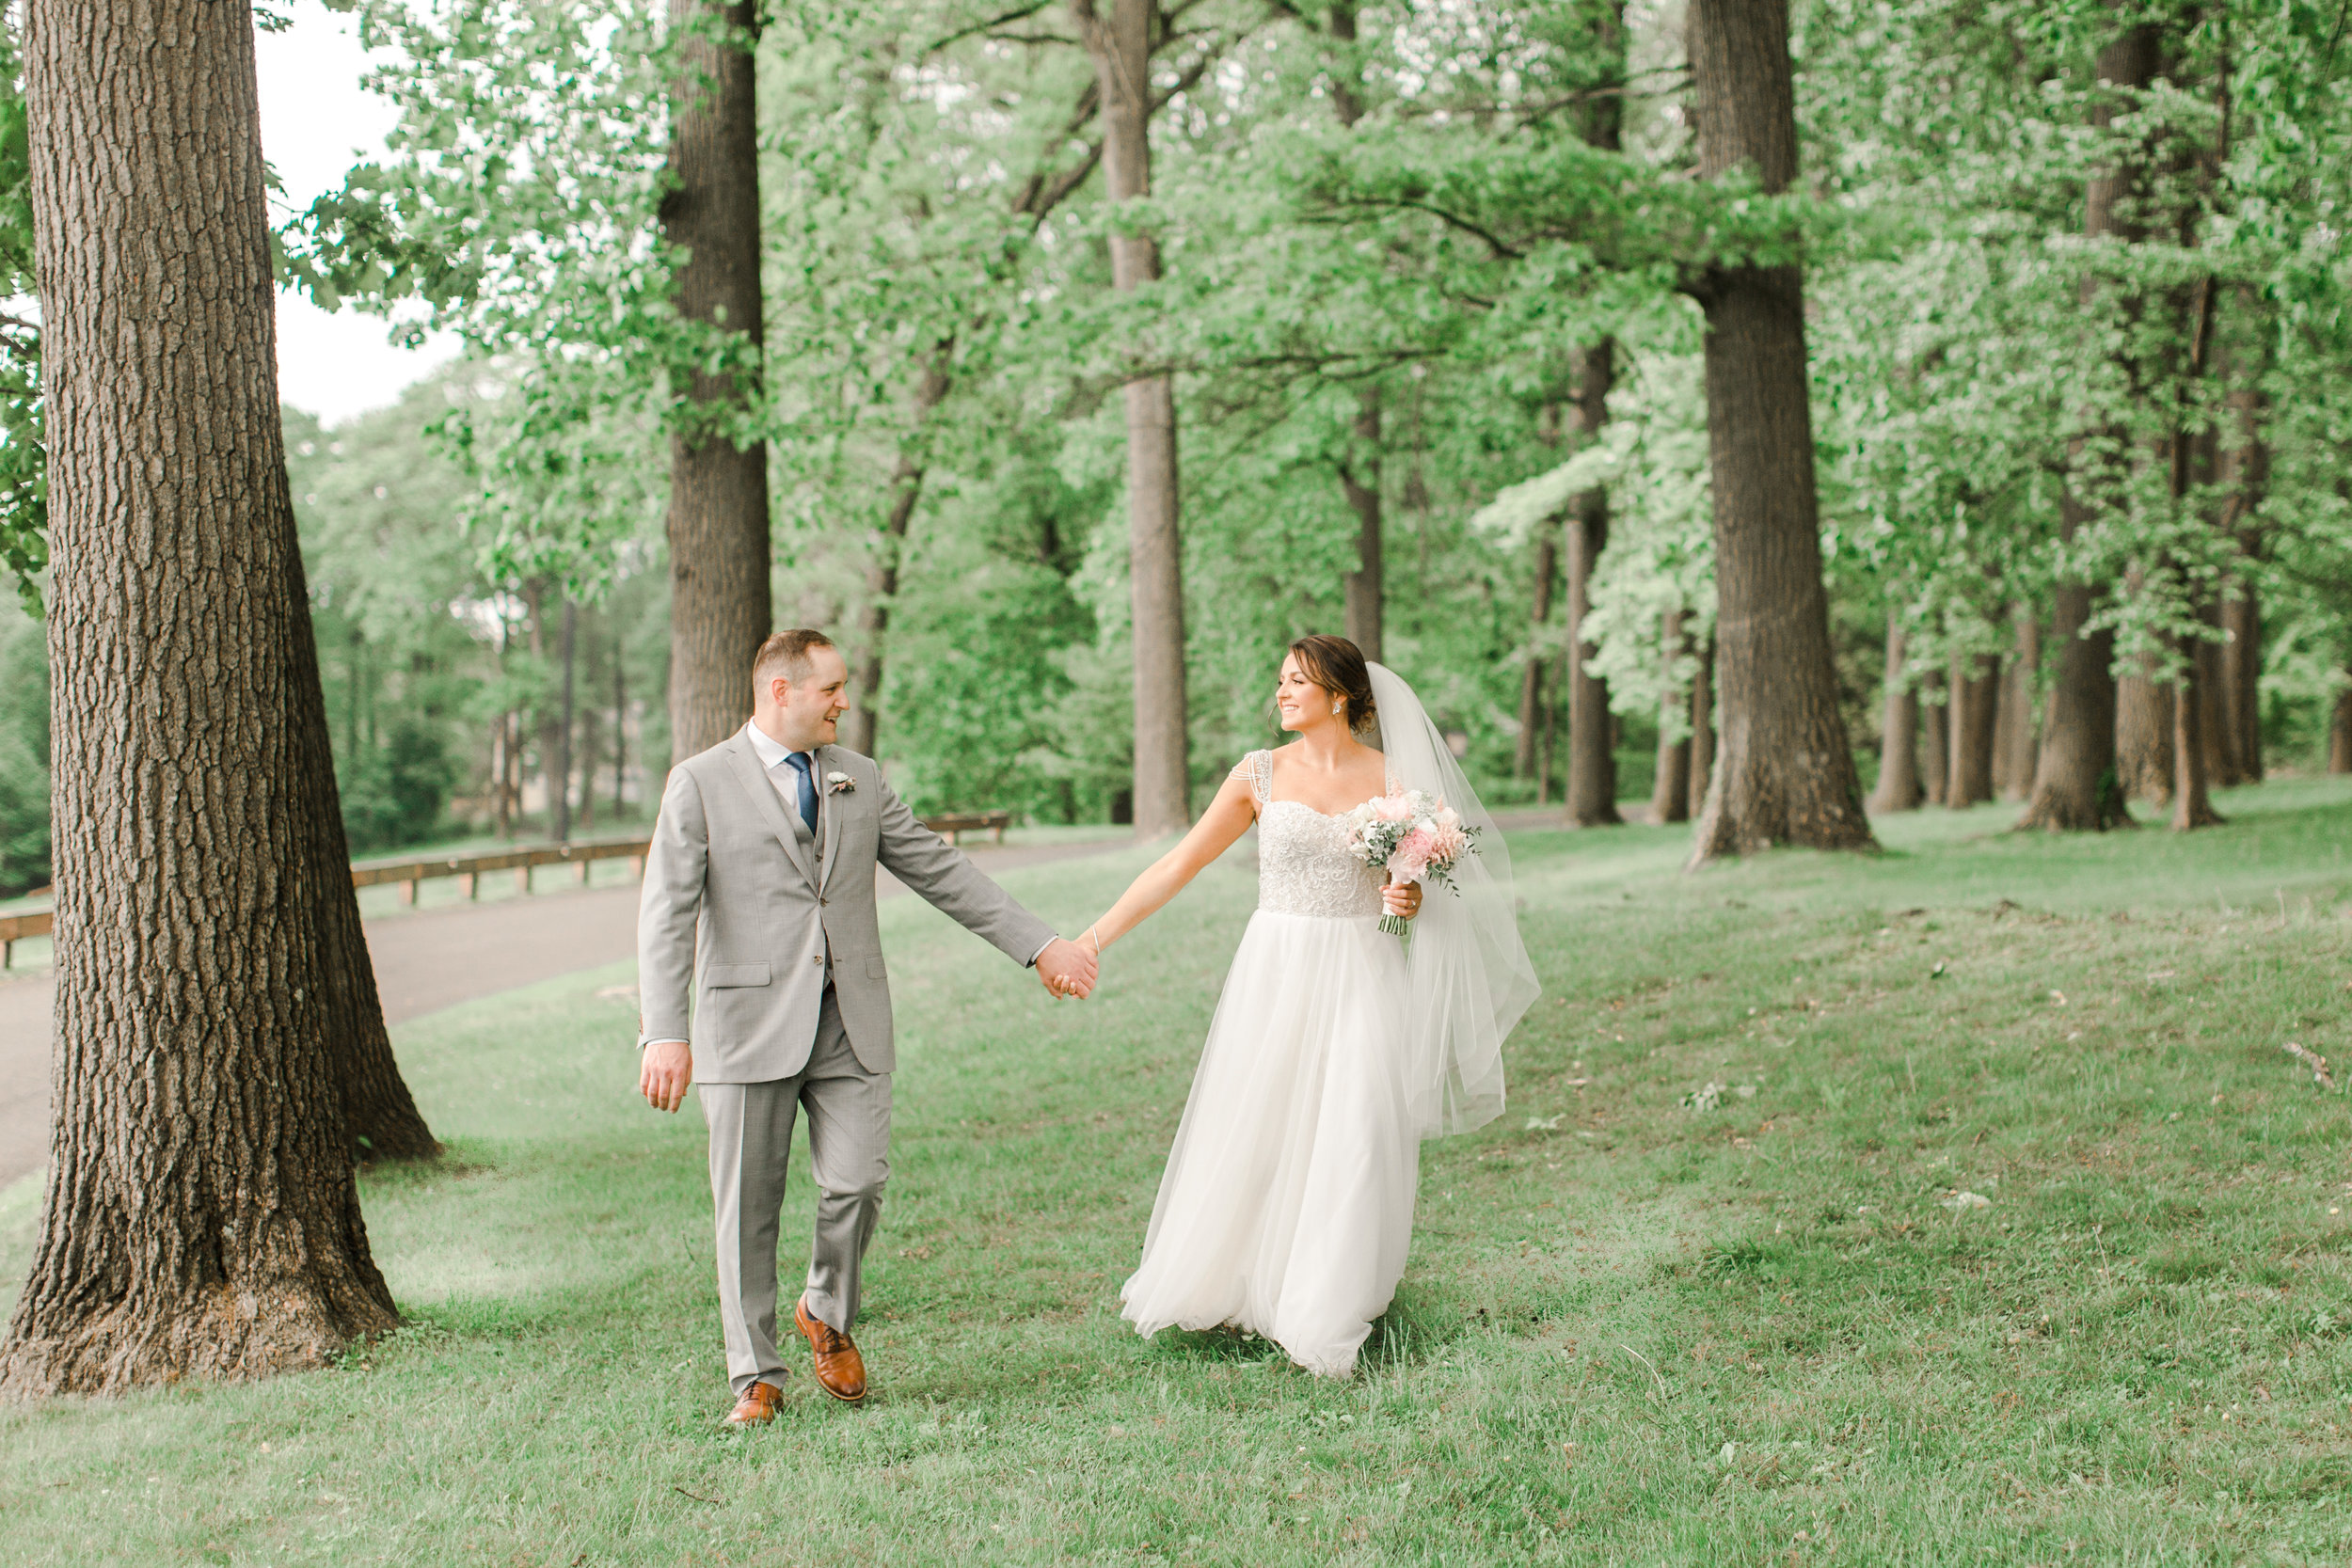 jessicaandchris_wedding (384 of 1021).jpg